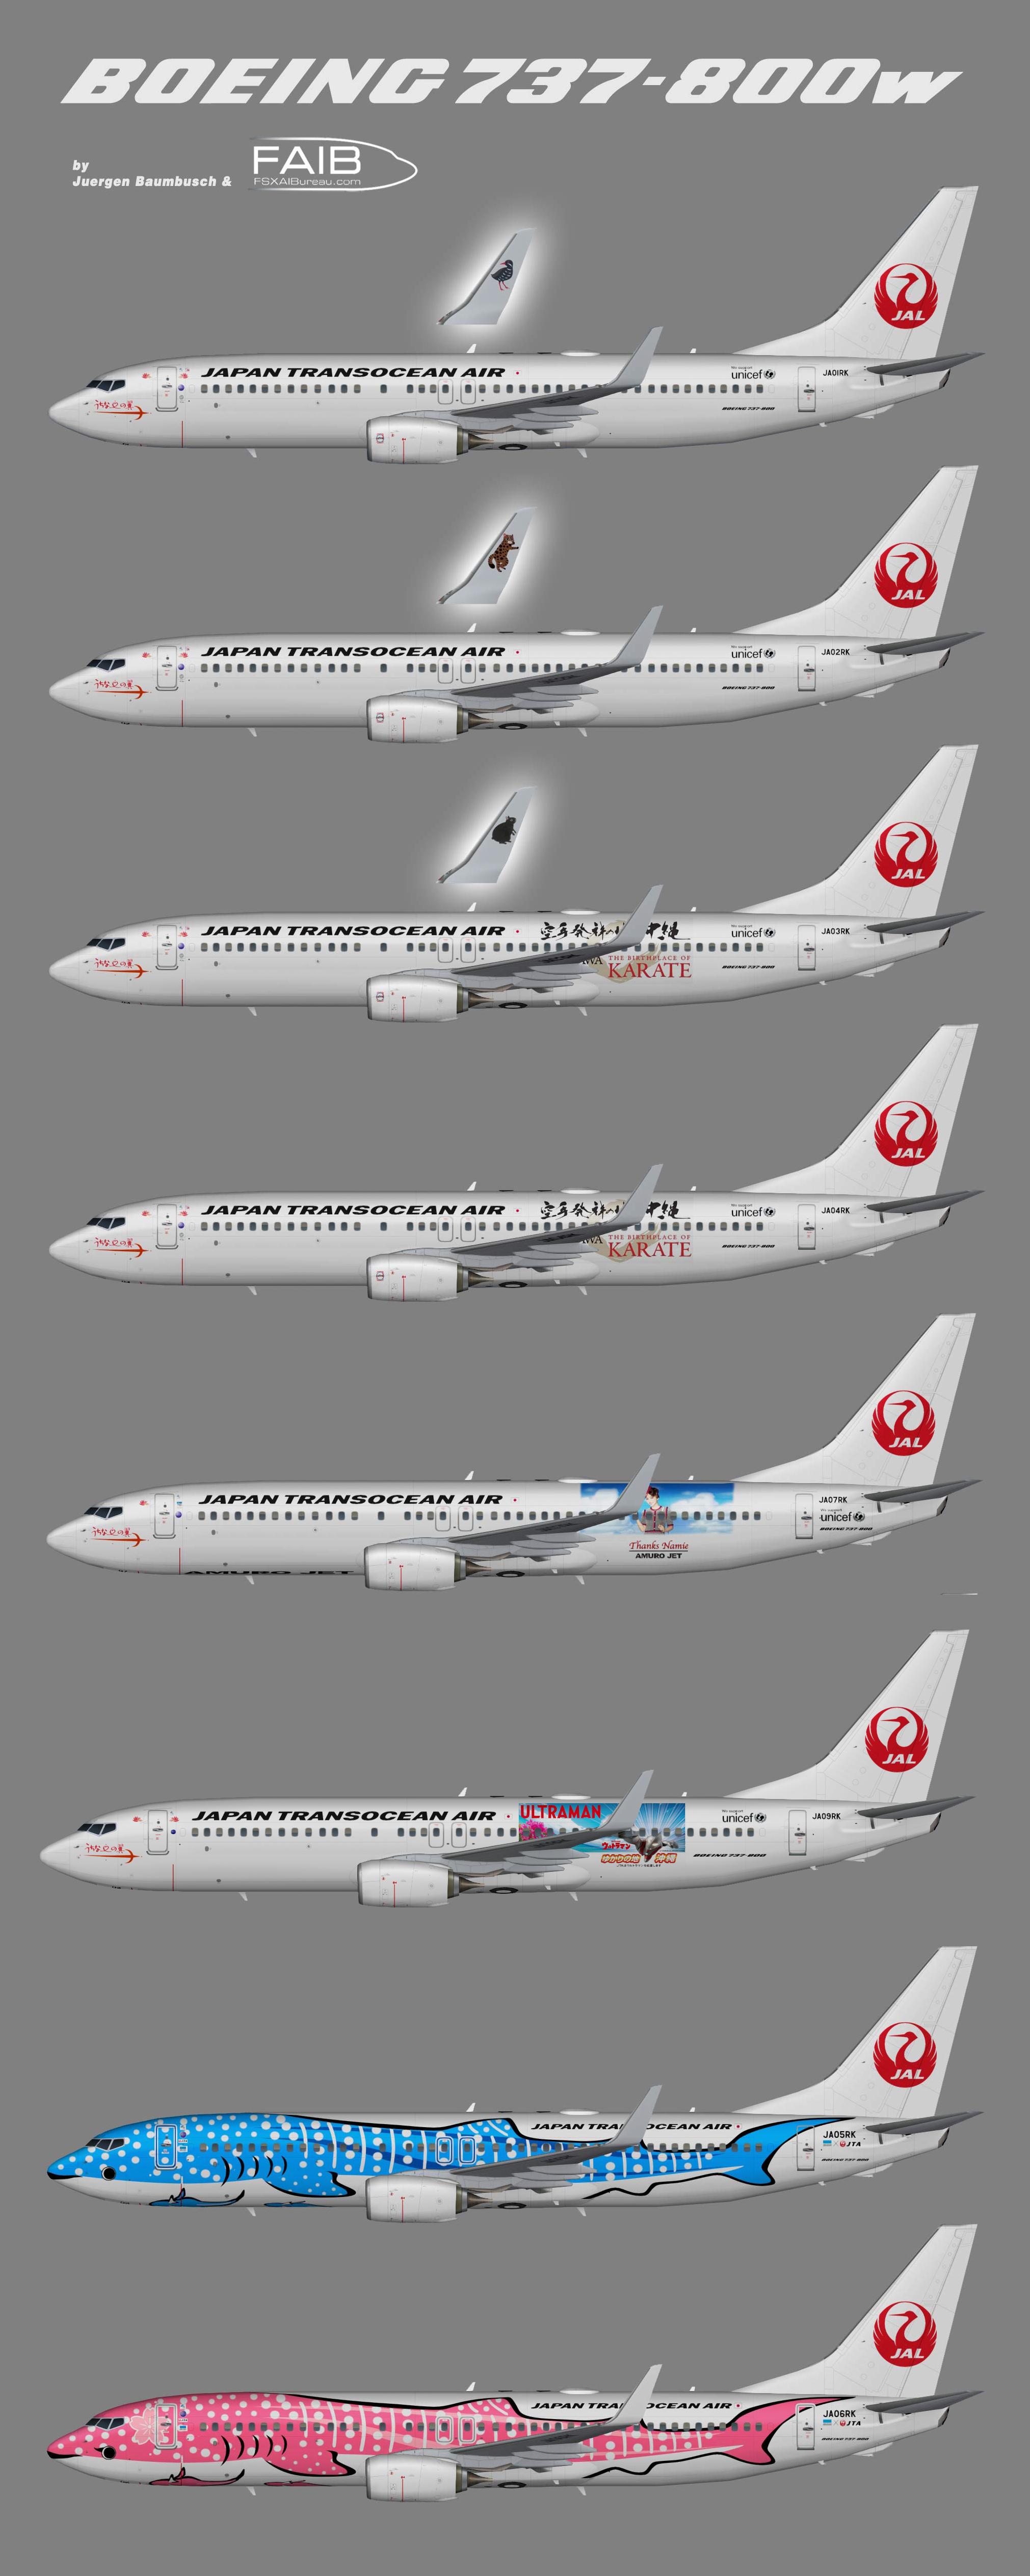 Japan Transocean Air Boeing 737-800w